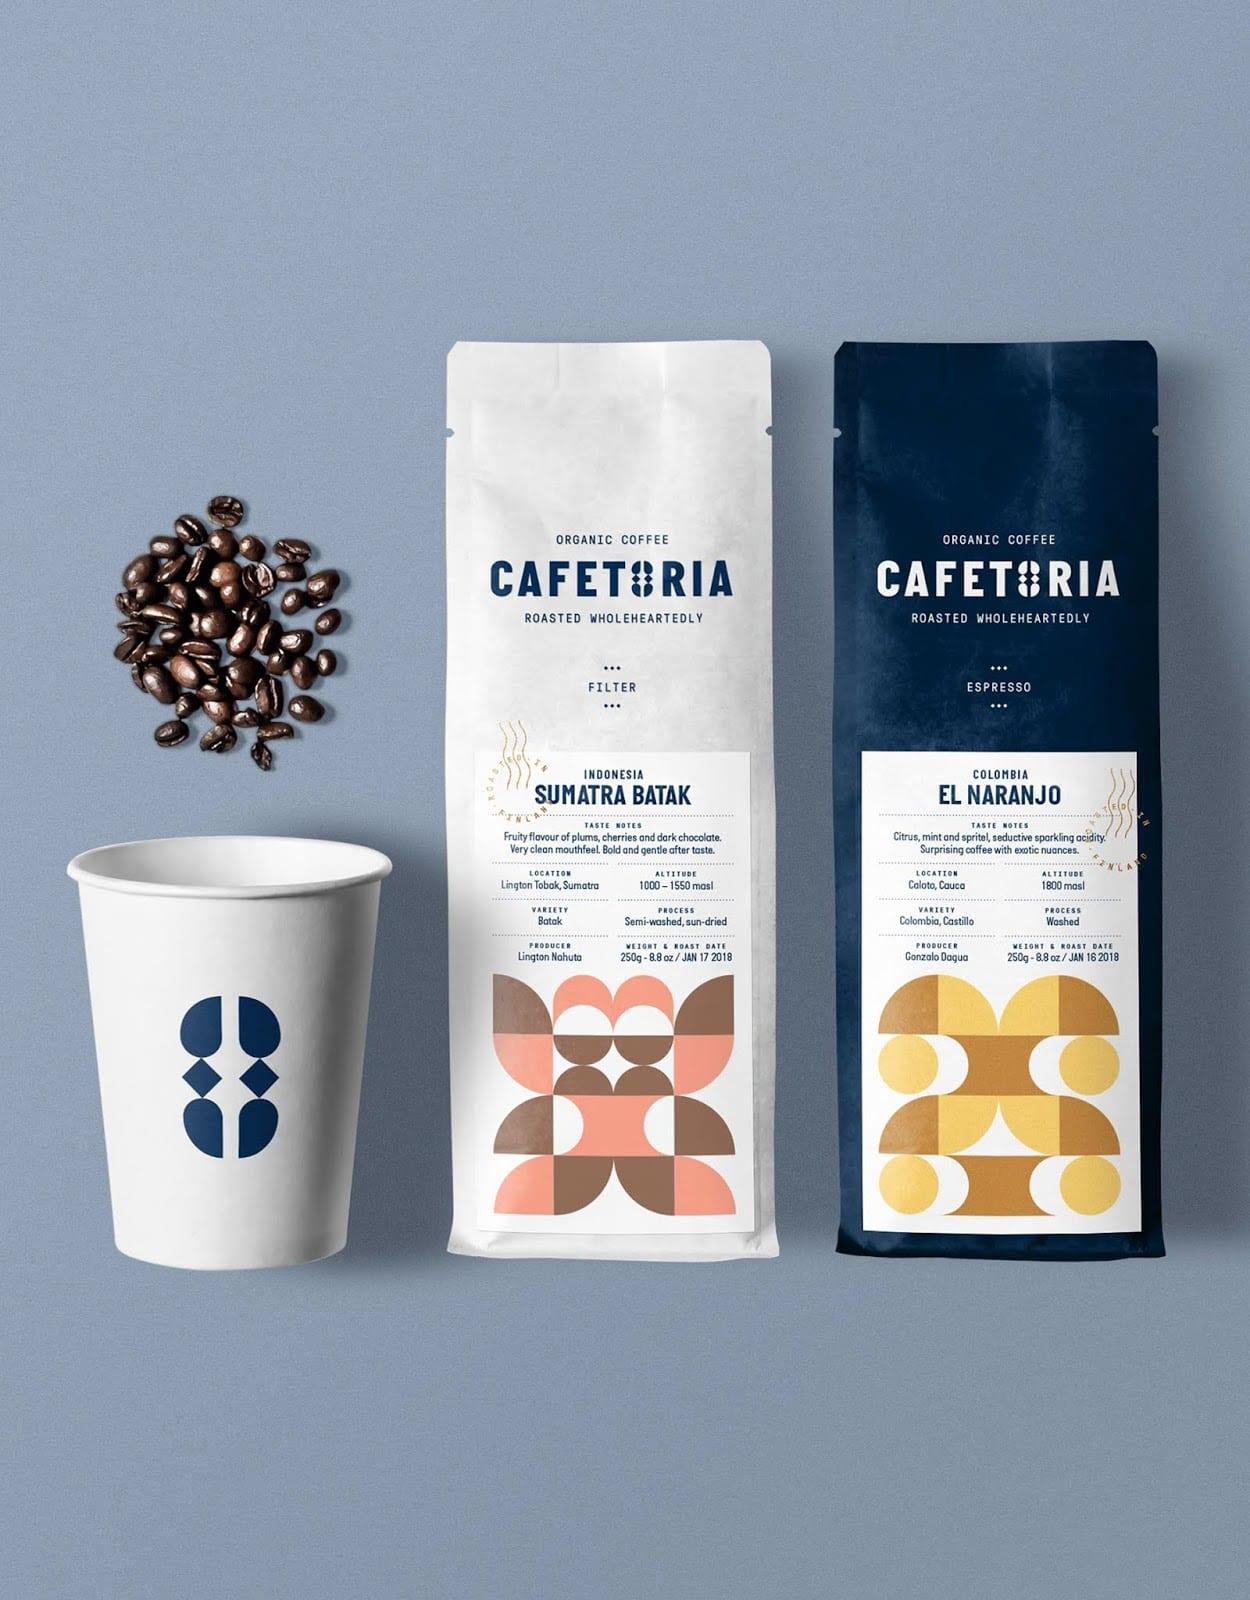 Cafetoria 024 - Ach, tie obaly – Cafetoria